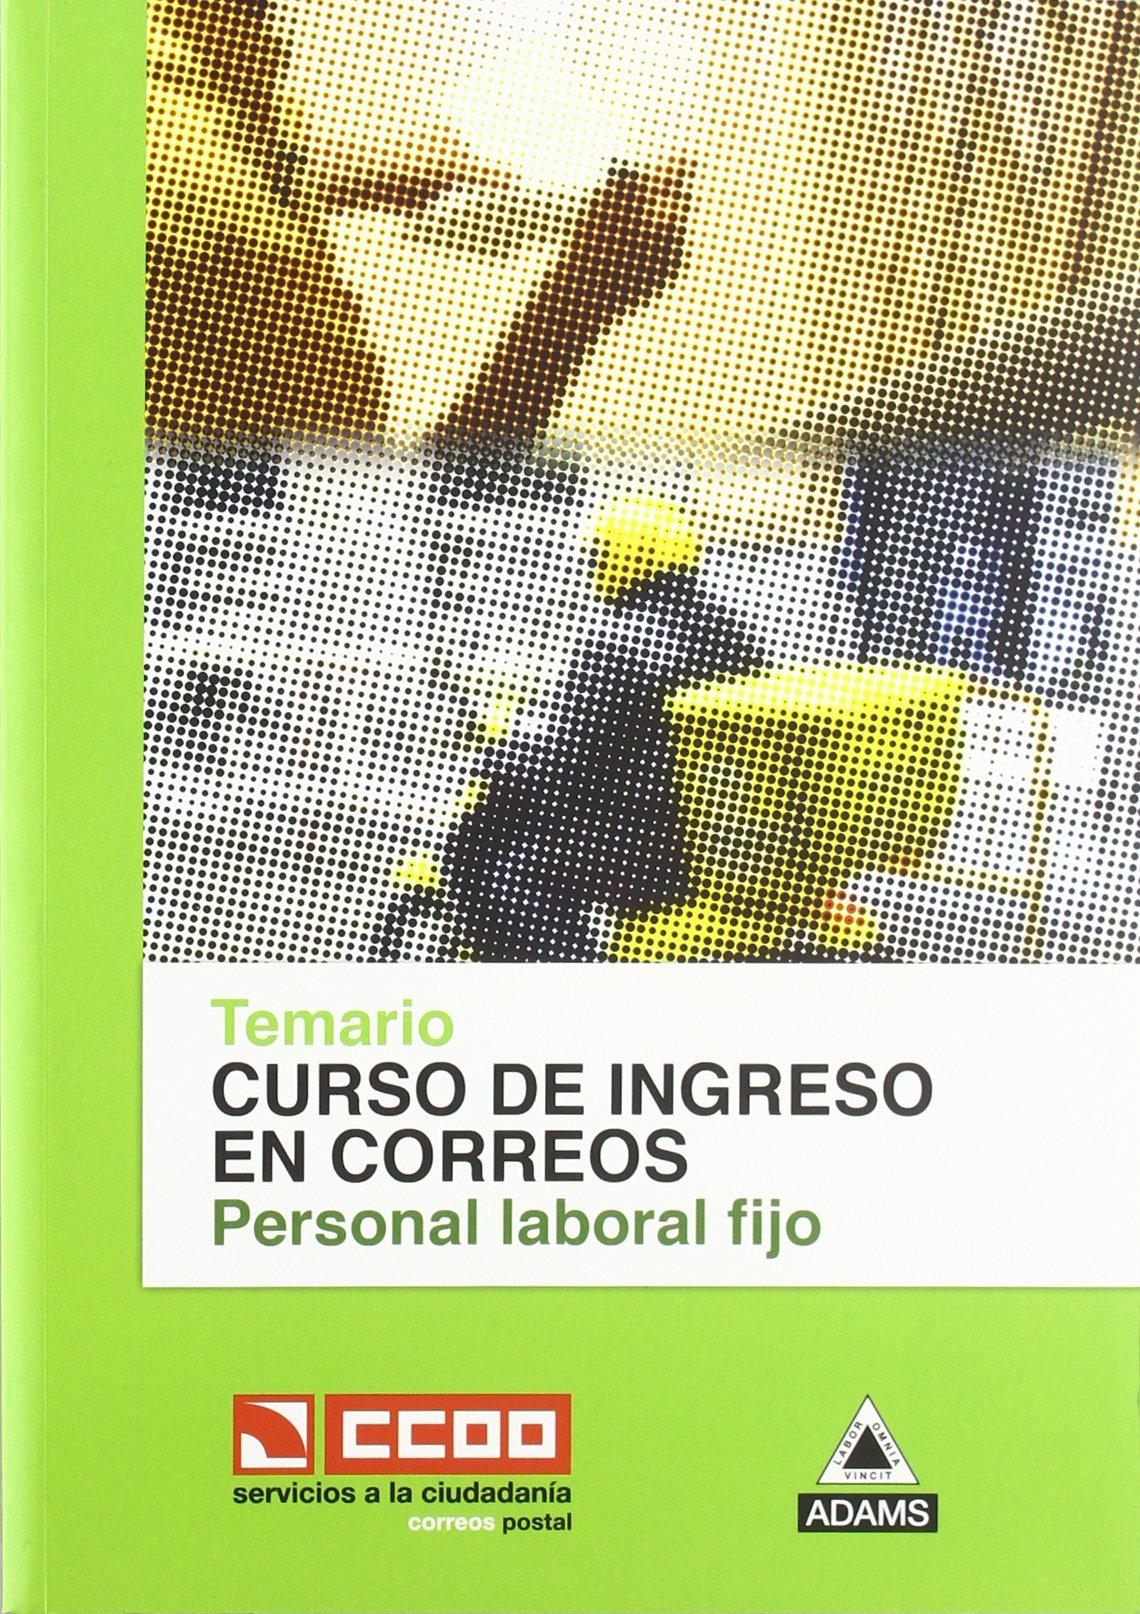 Temario Personal Laboral Fijo De Correos: Amazon.es: Aa.Vv.: Libros